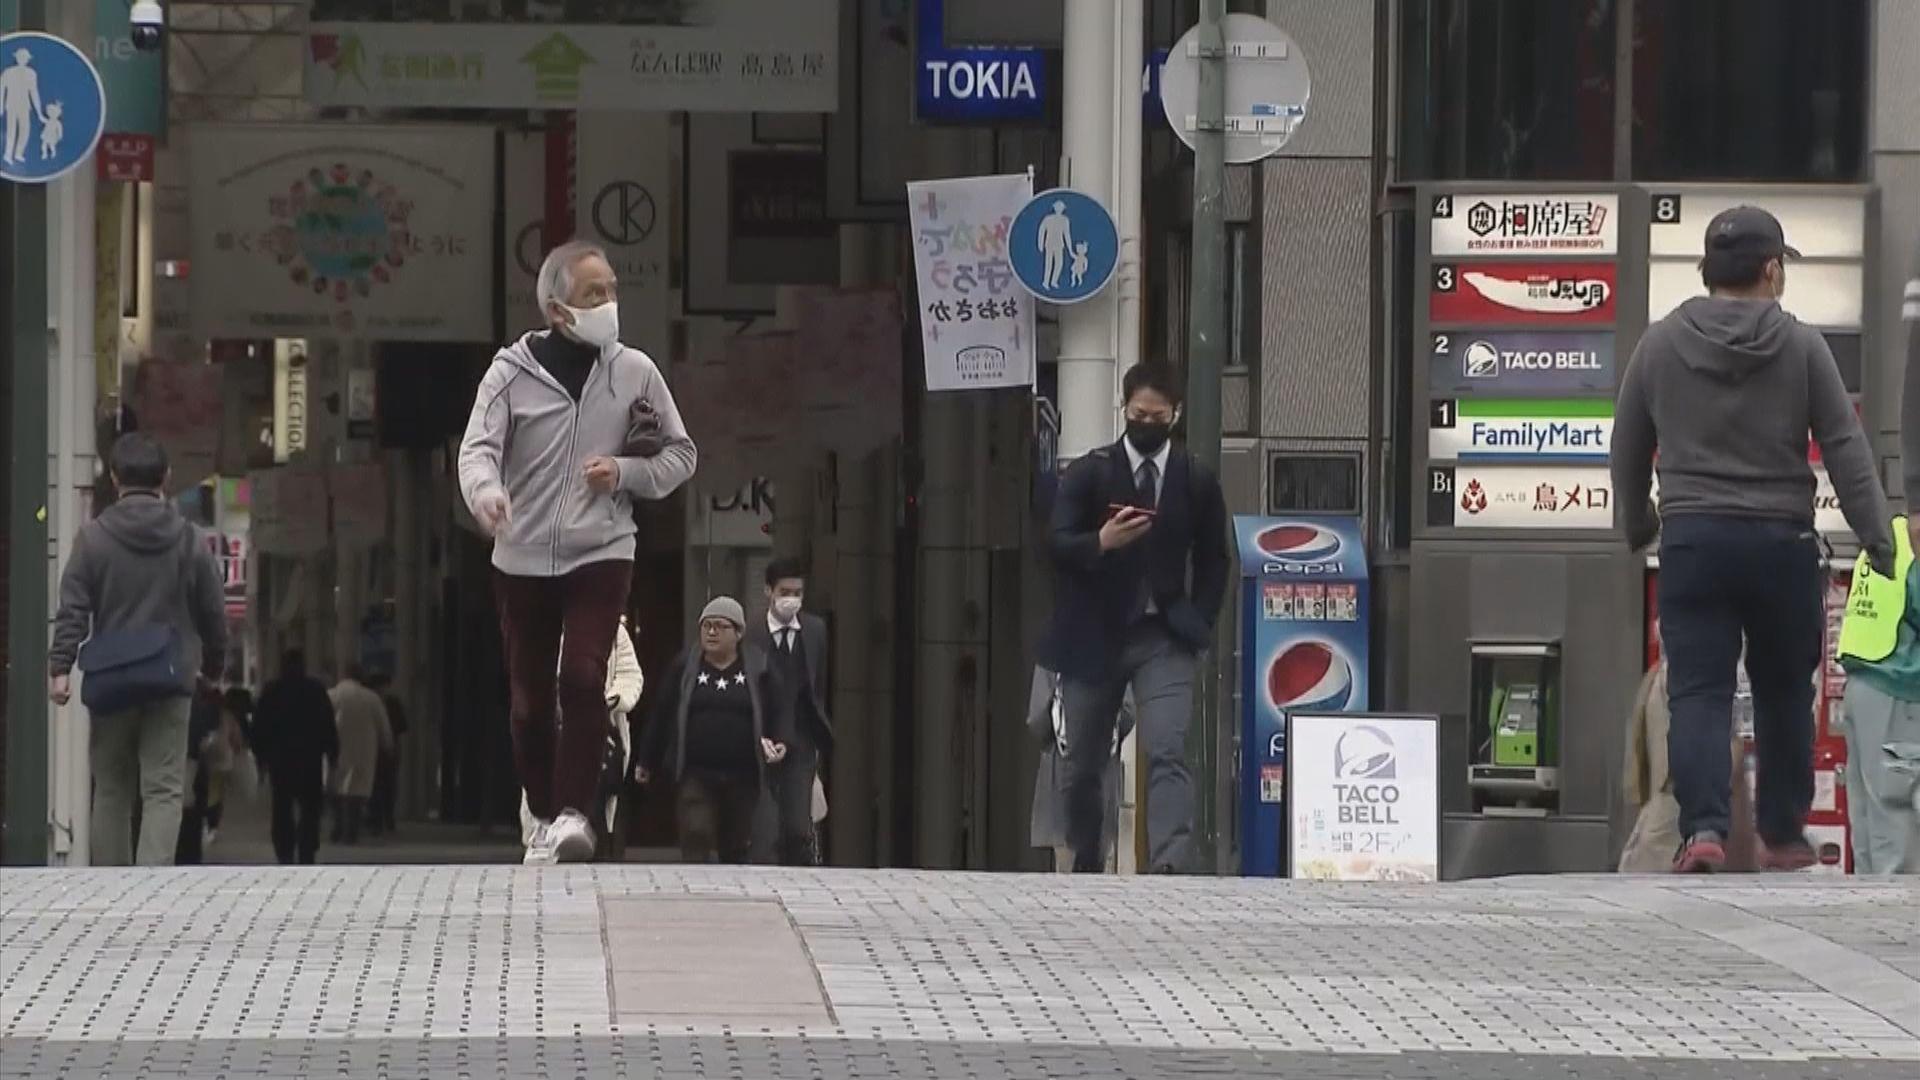 憂防疫成本高昂 日本多個城鎮取消接待外國奧運團隊